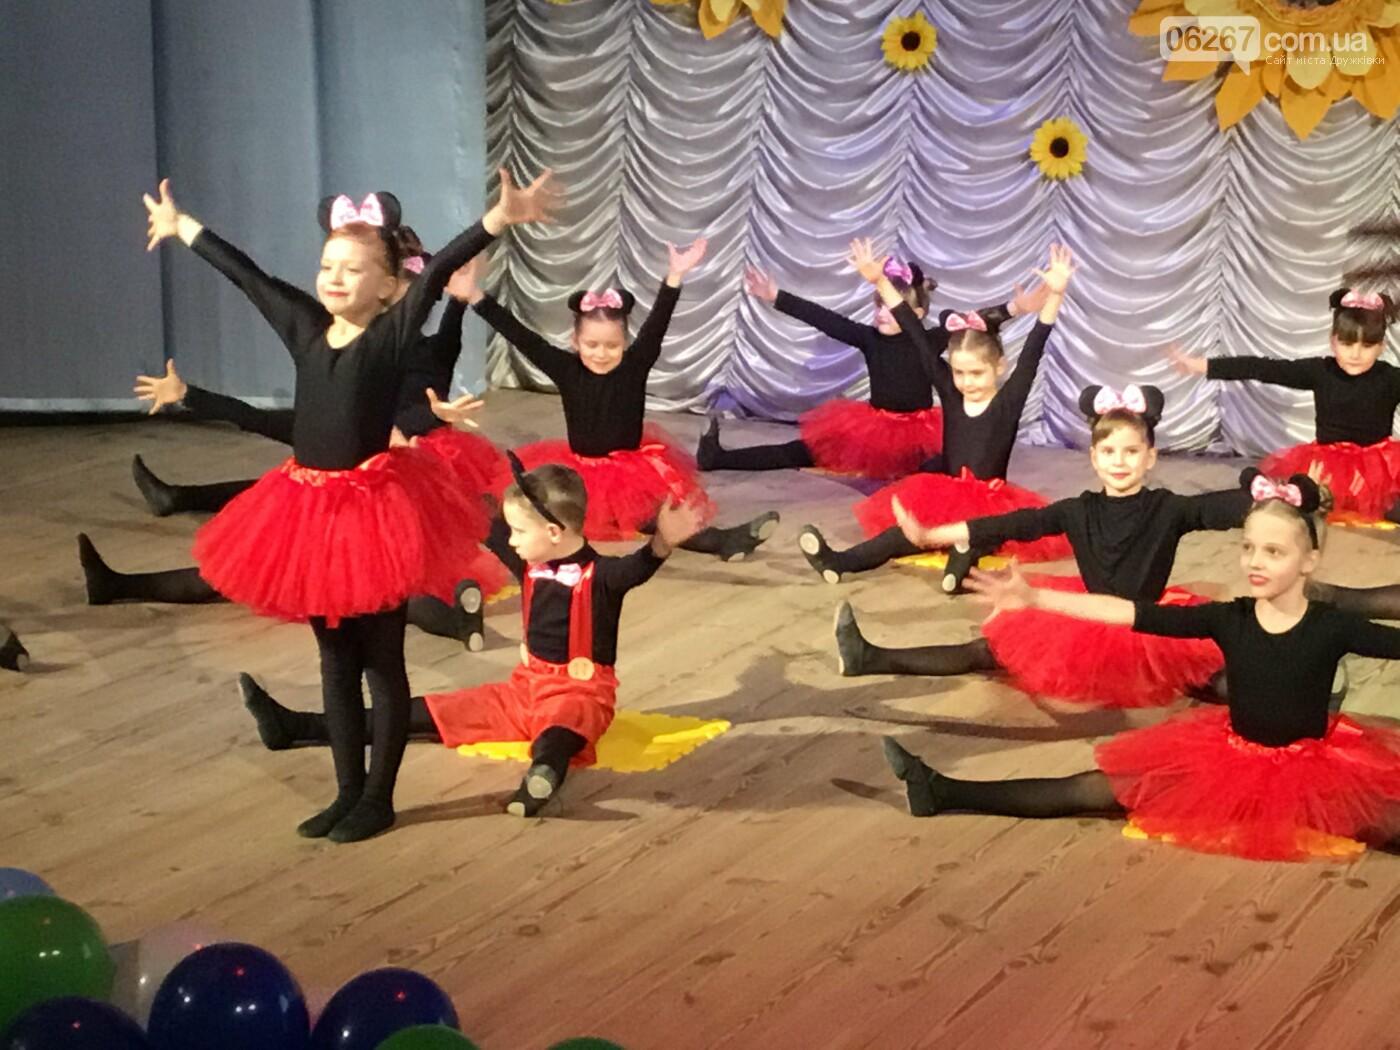 Вчера в Дружковке танцевали Аладдин, Жасмин и Джек-Воробей (ФОТО, ВИДЕО), фото-1